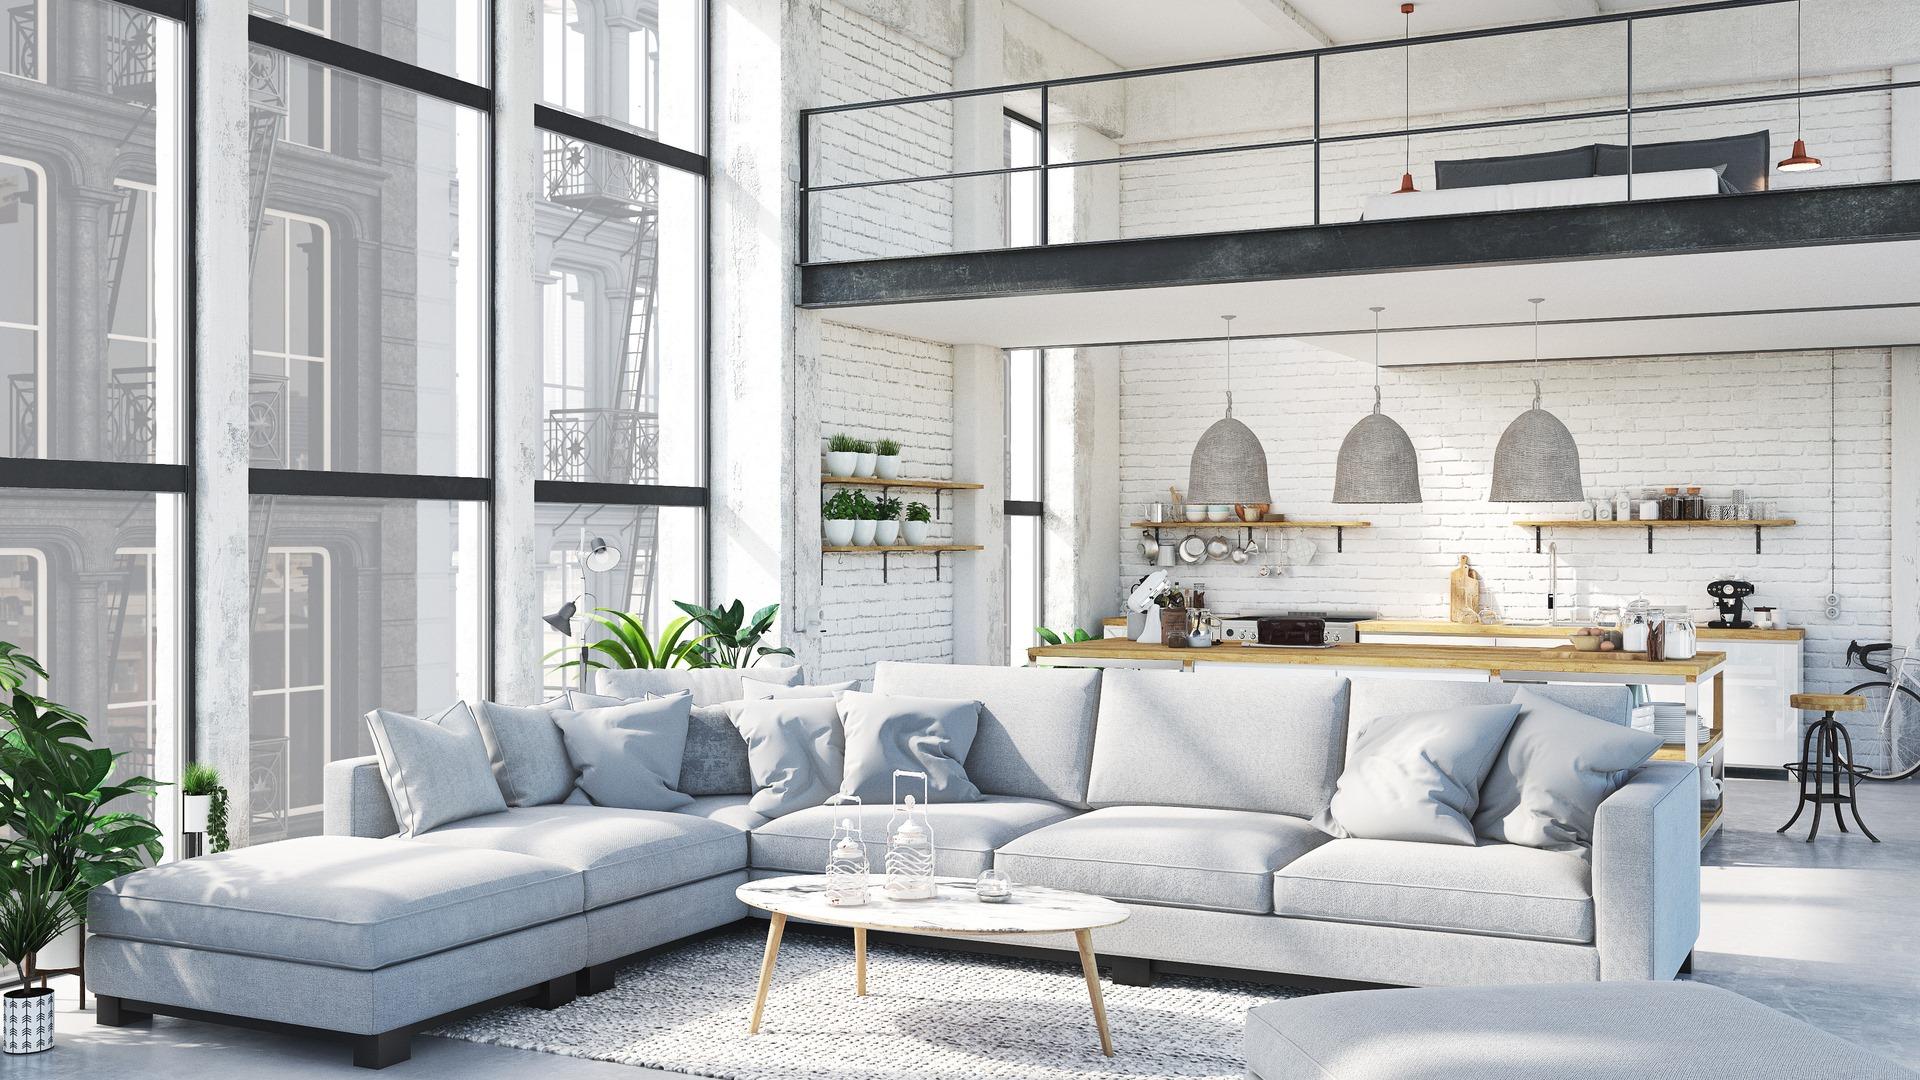 Comment moderniser le design de sa maison?